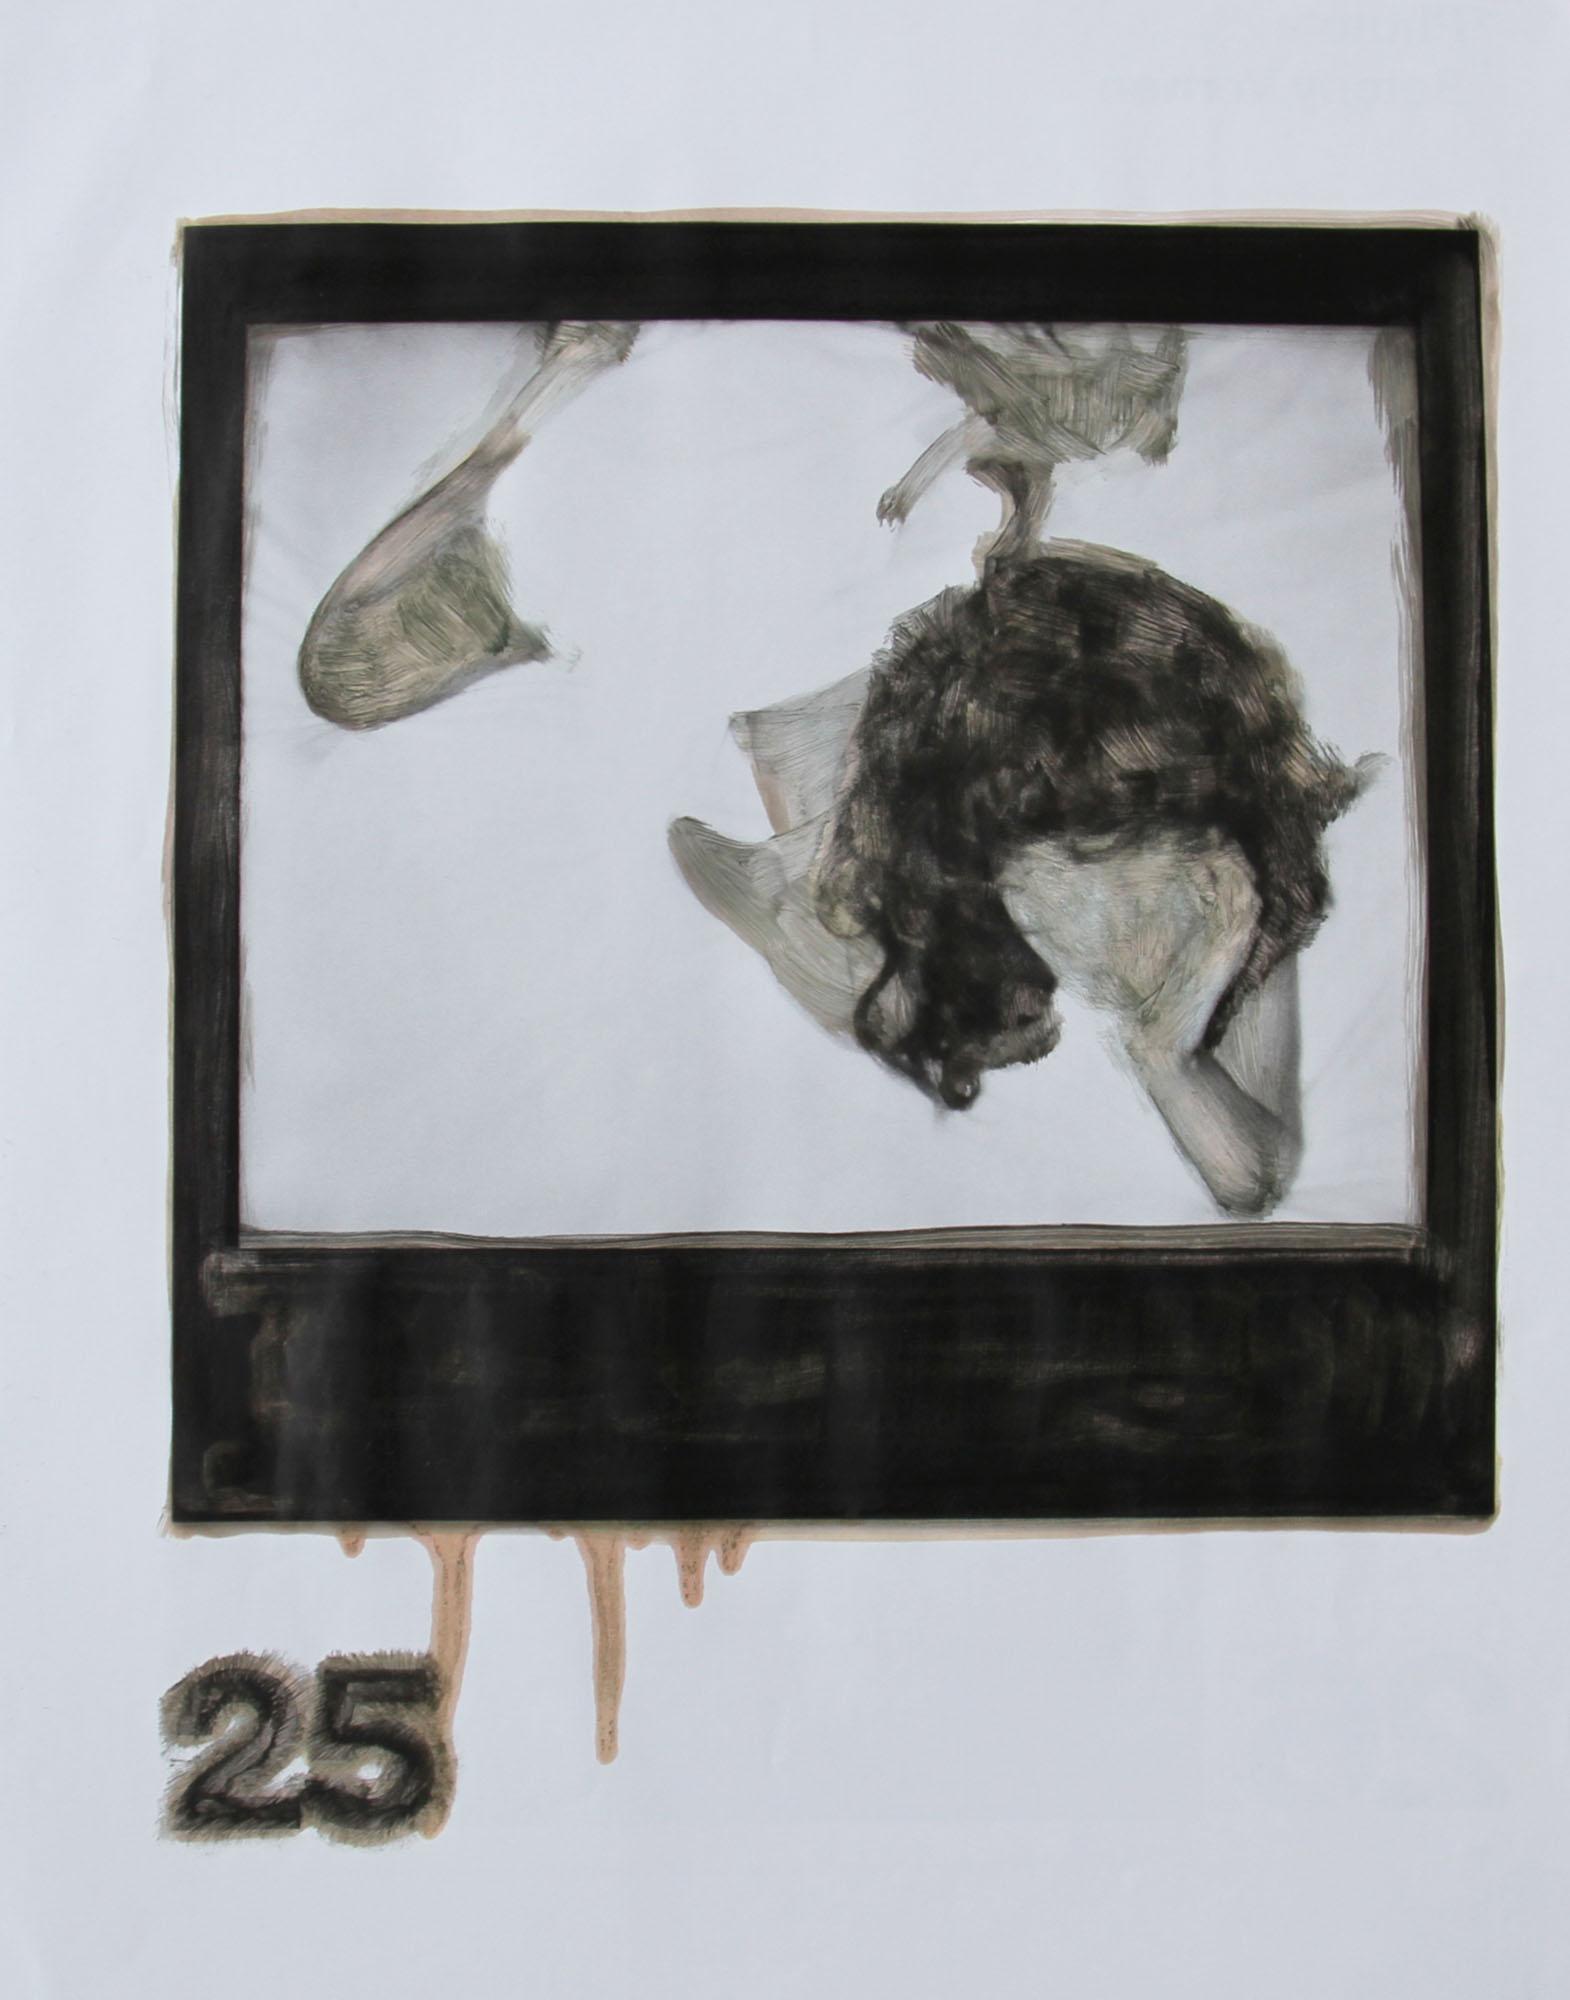 2012 - Ensaios - 25